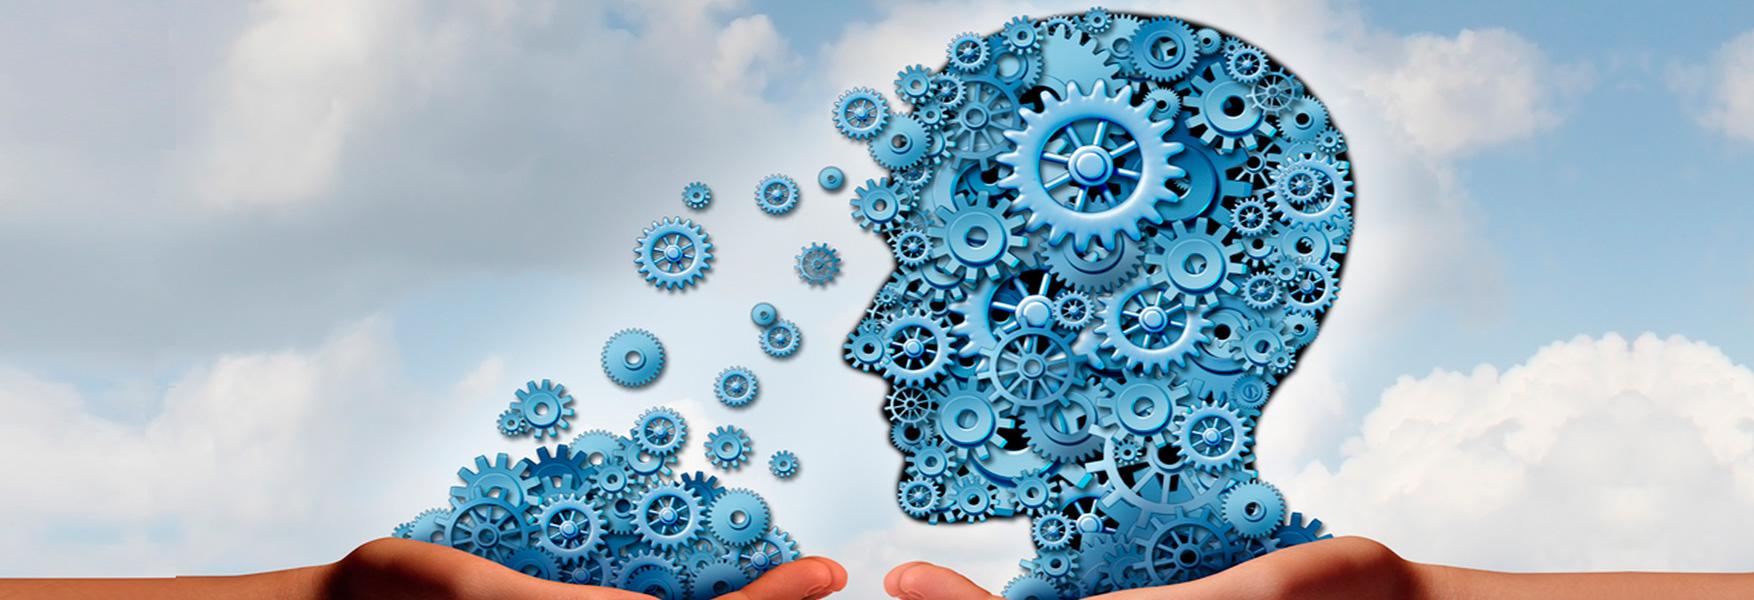 Cuestiones éticas derivadas del mejoramiento humano | OpenMind